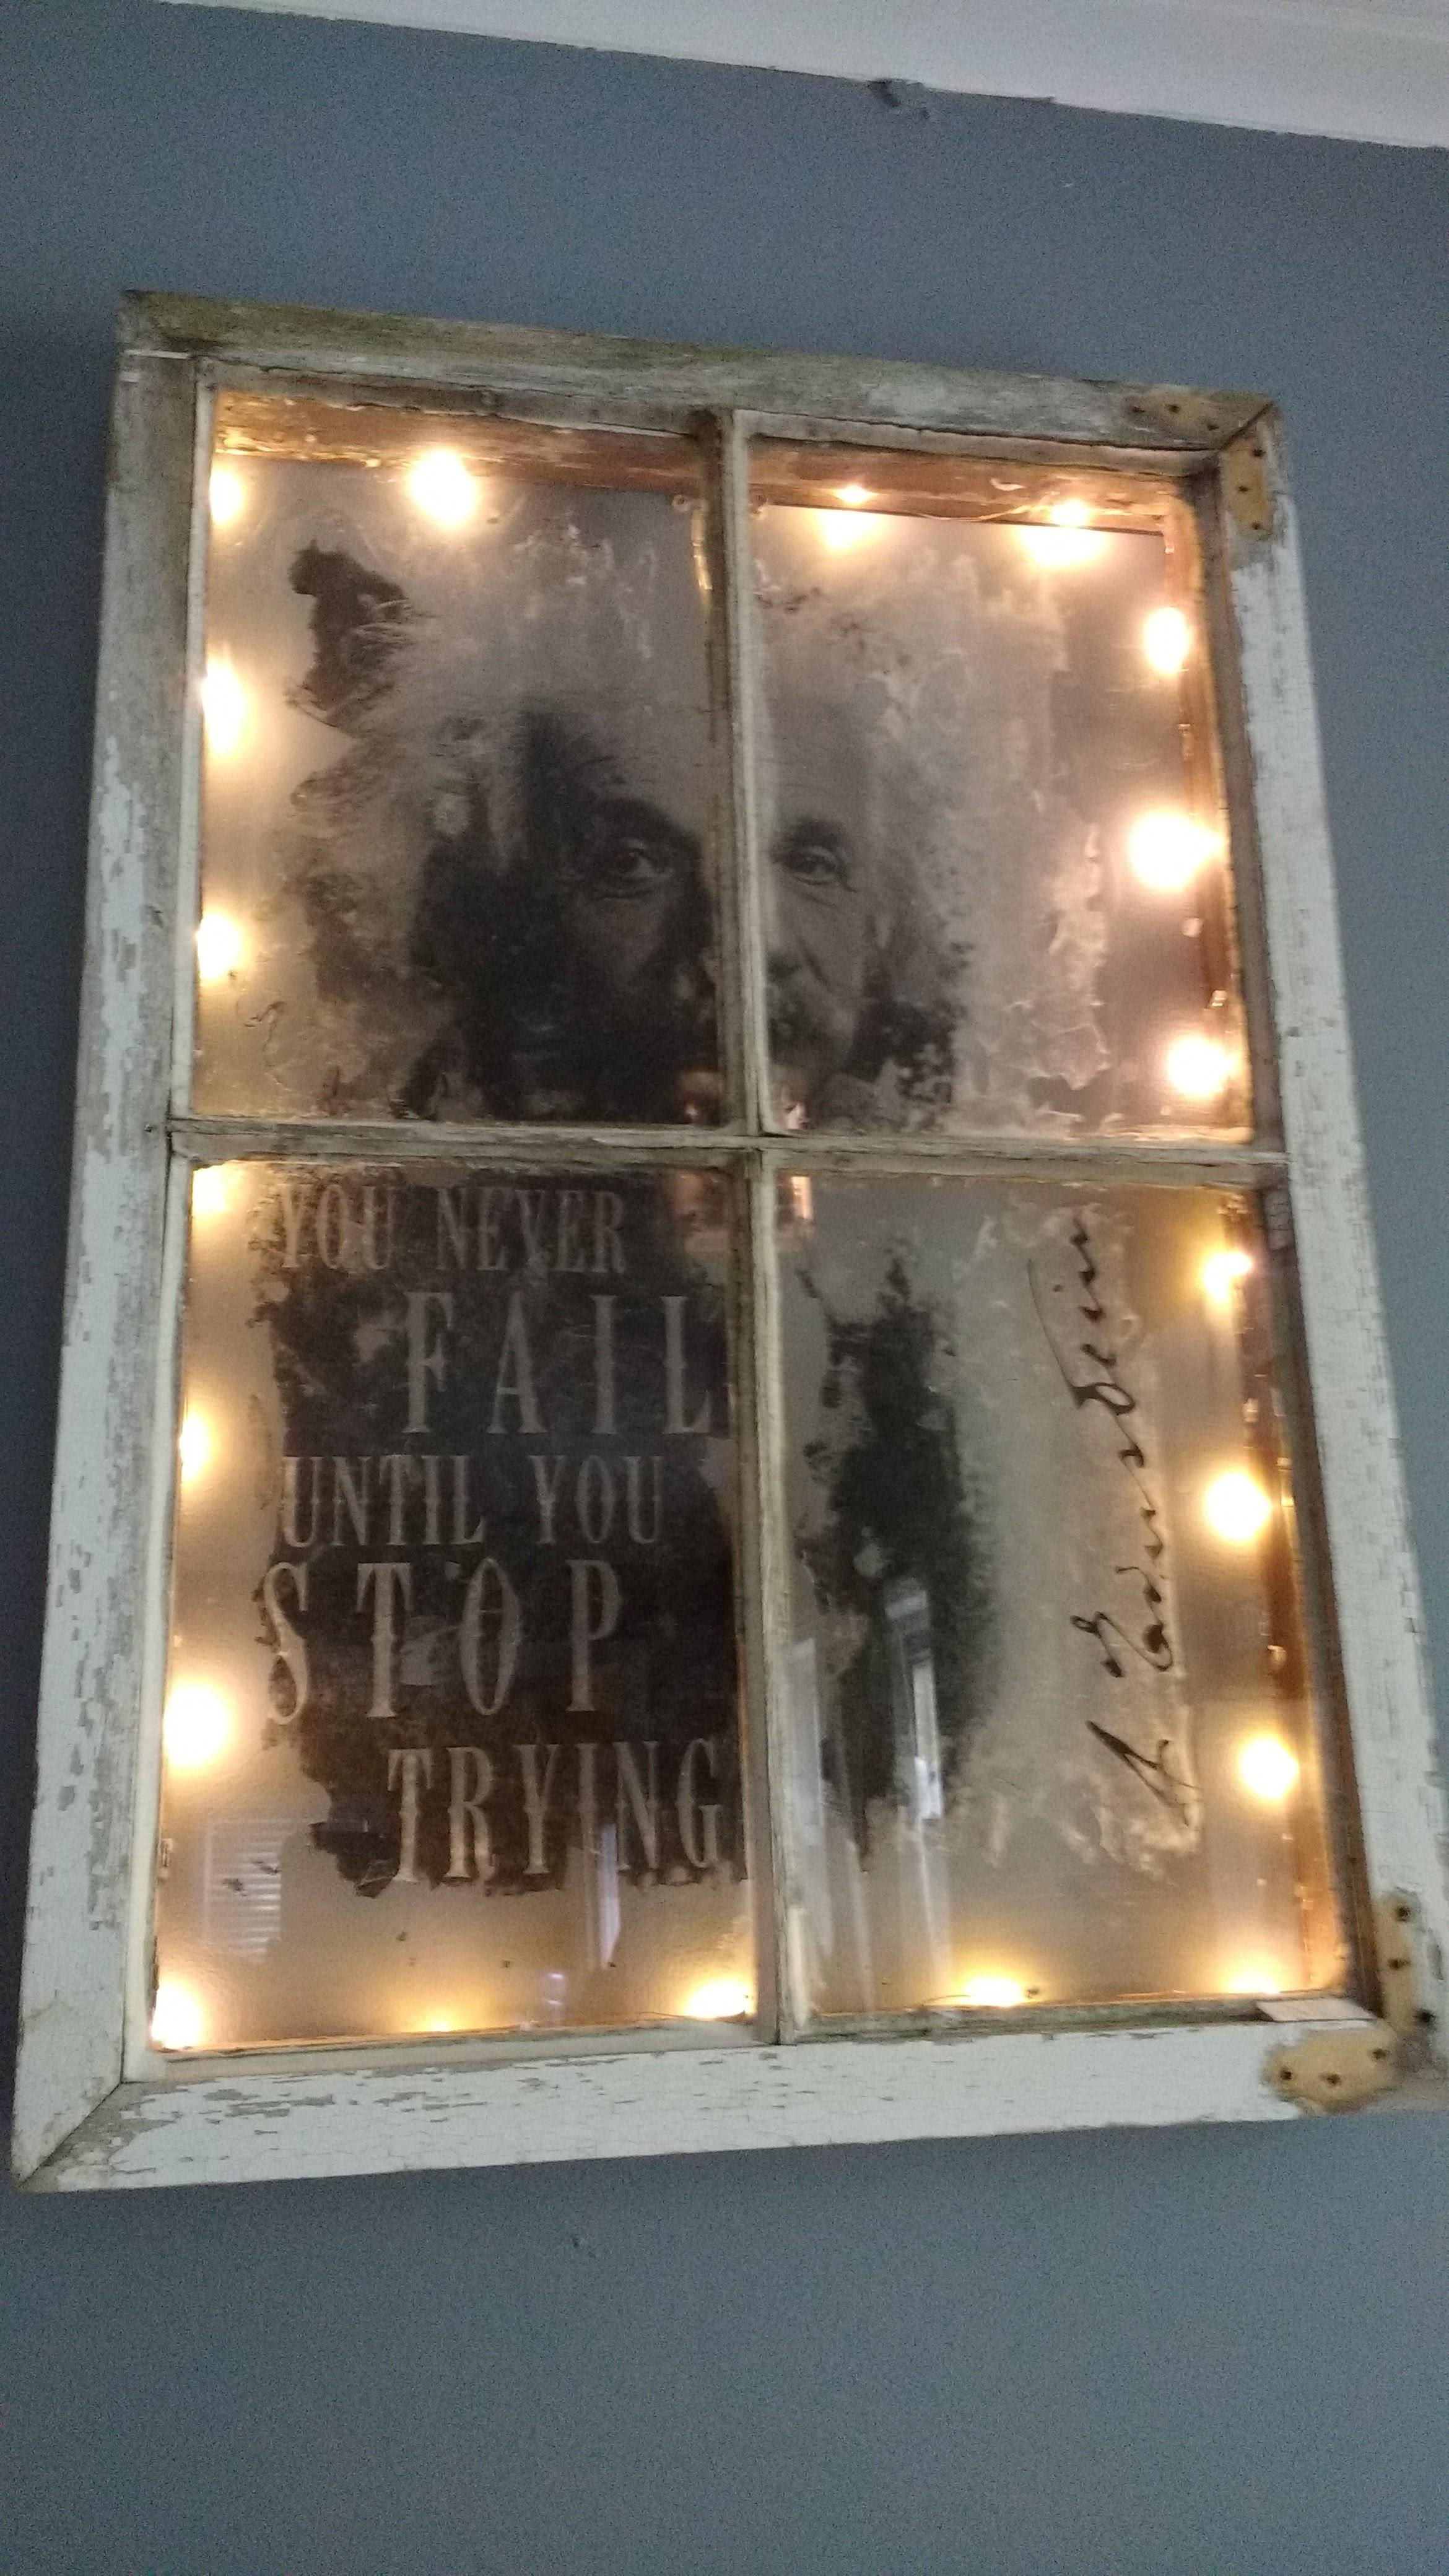 113. Einstein's window